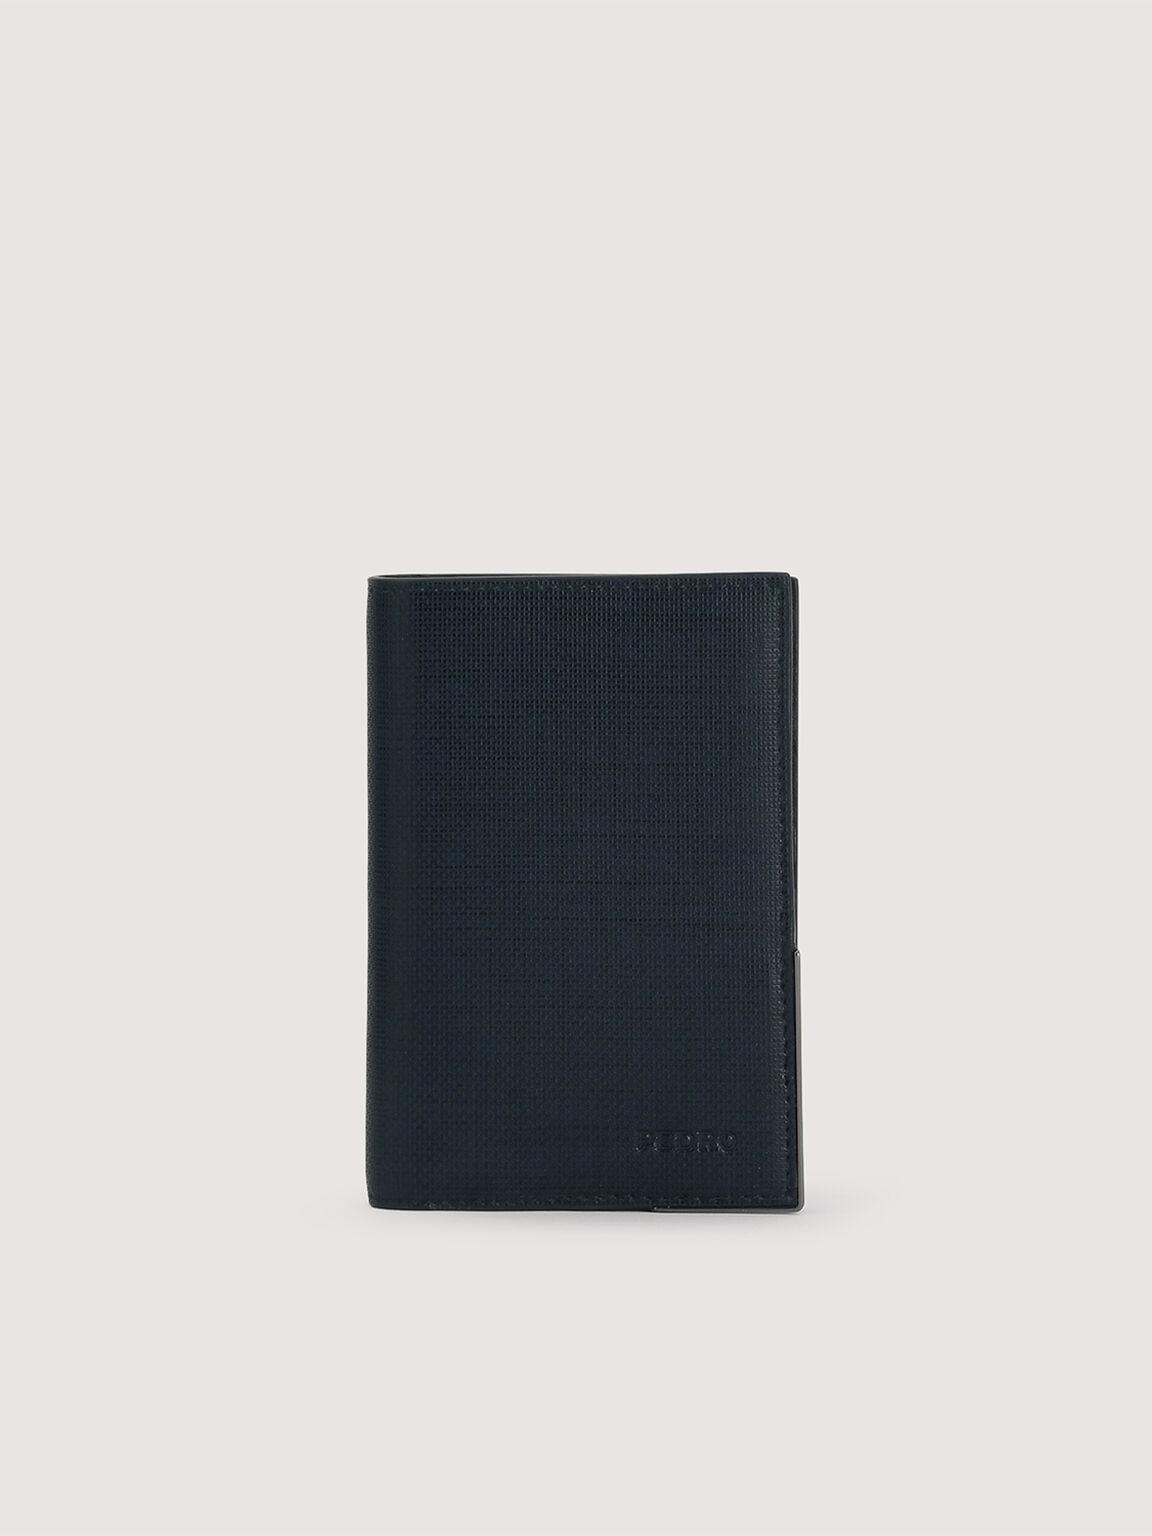 Leather Bi-Fold Cardholder, Navy, hi-res